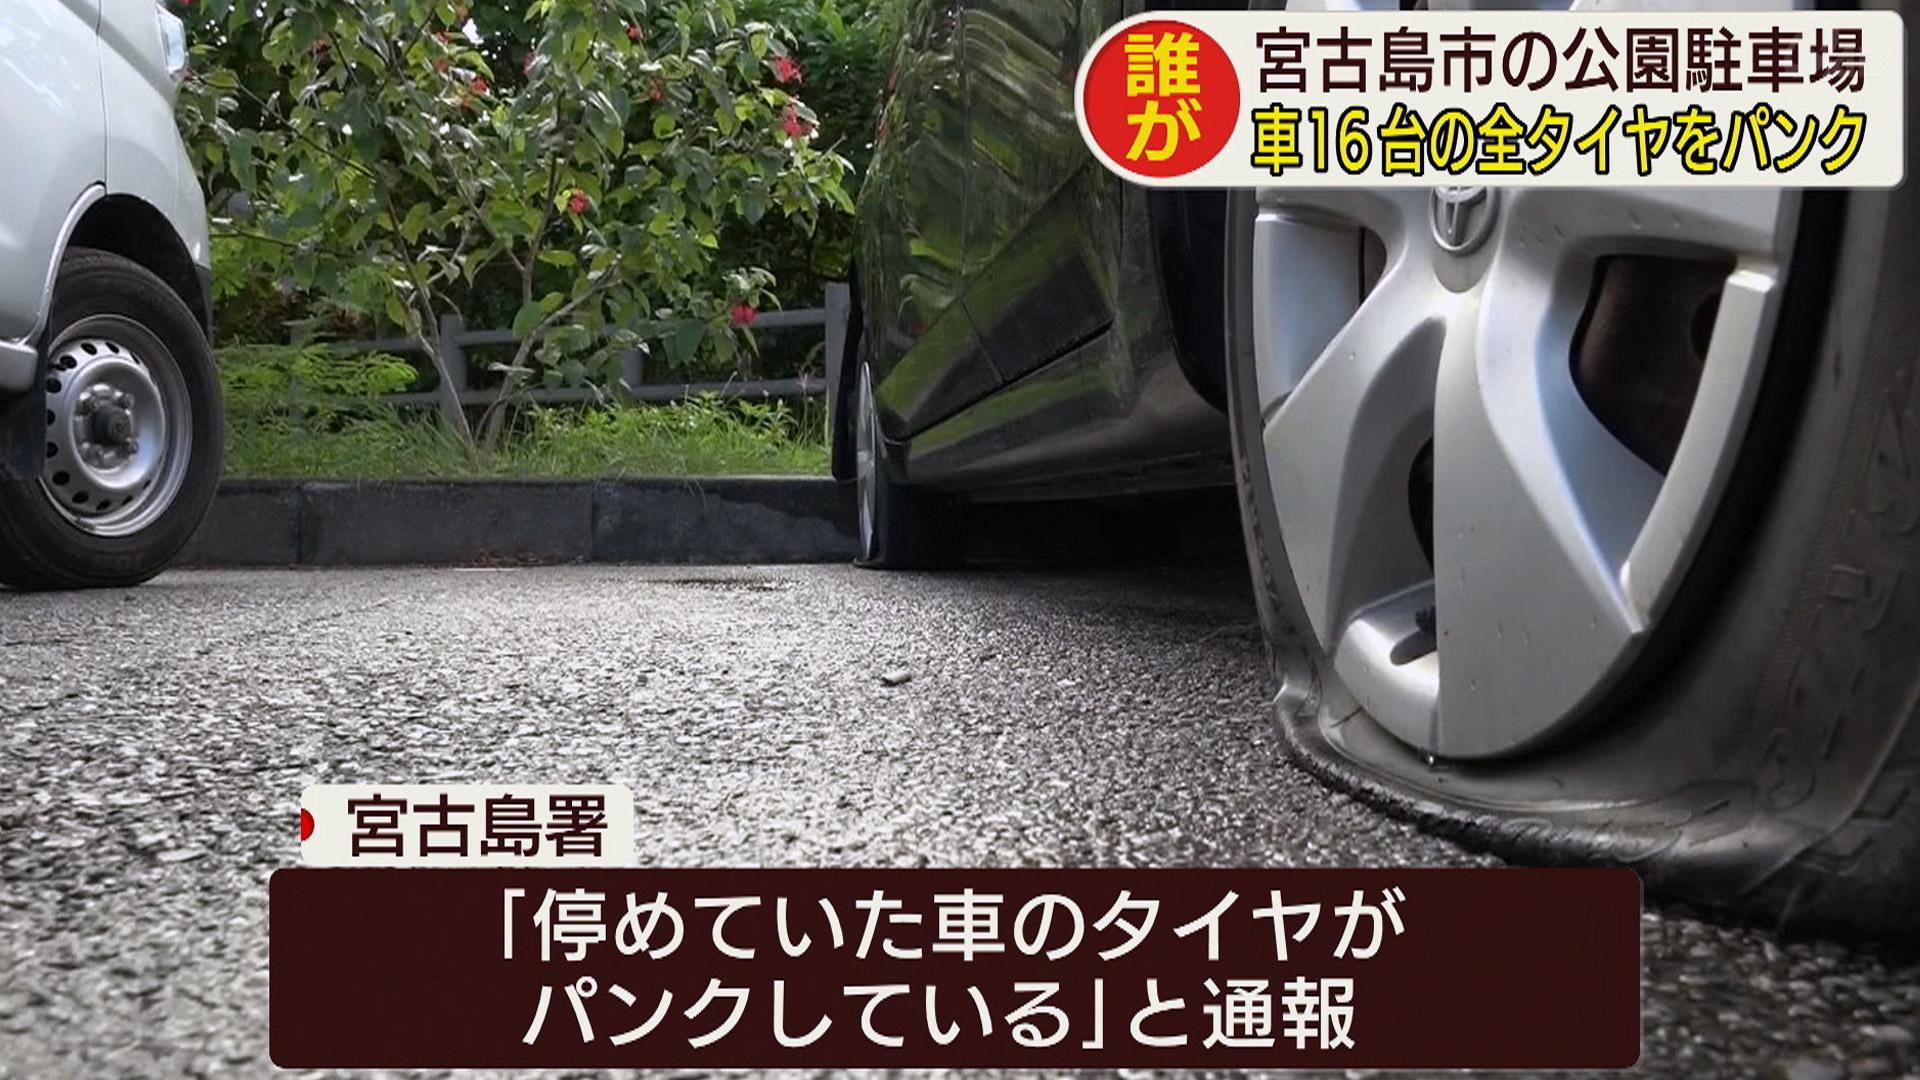 車16台のタイヤパンク 宮古島市の公園